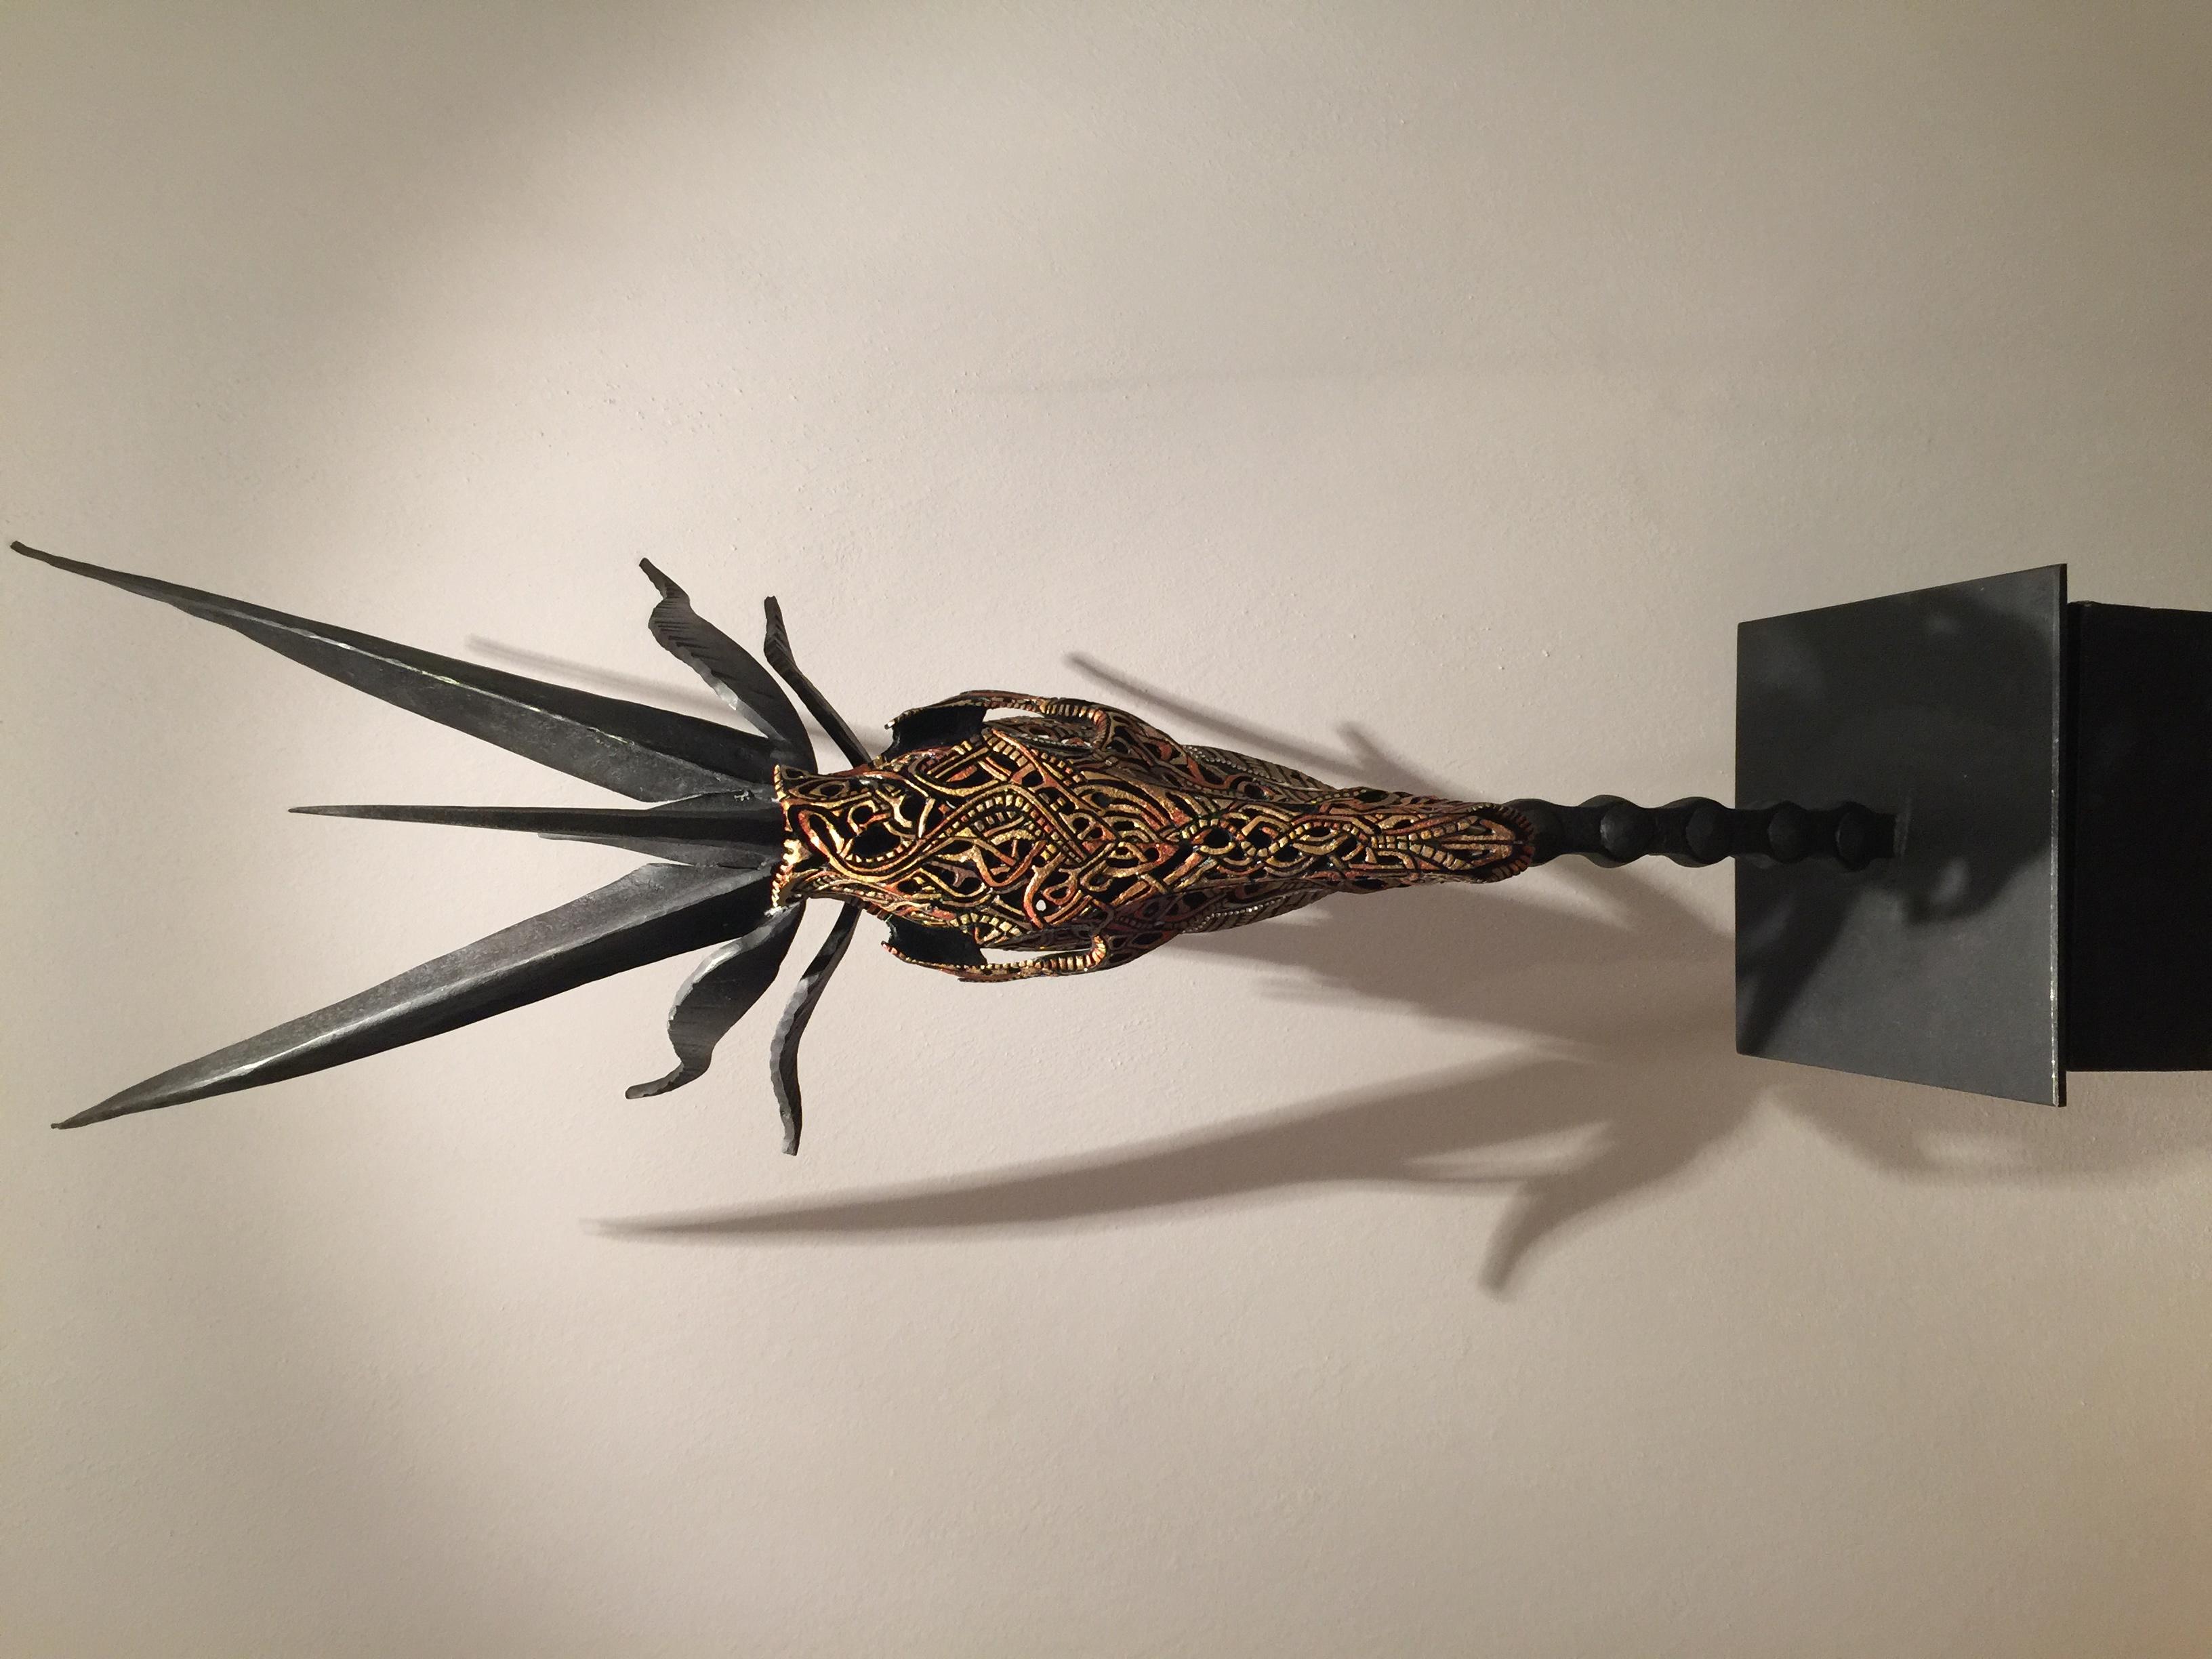 petra-shara-stoor-skull-art-oramil-thara-3.JPG